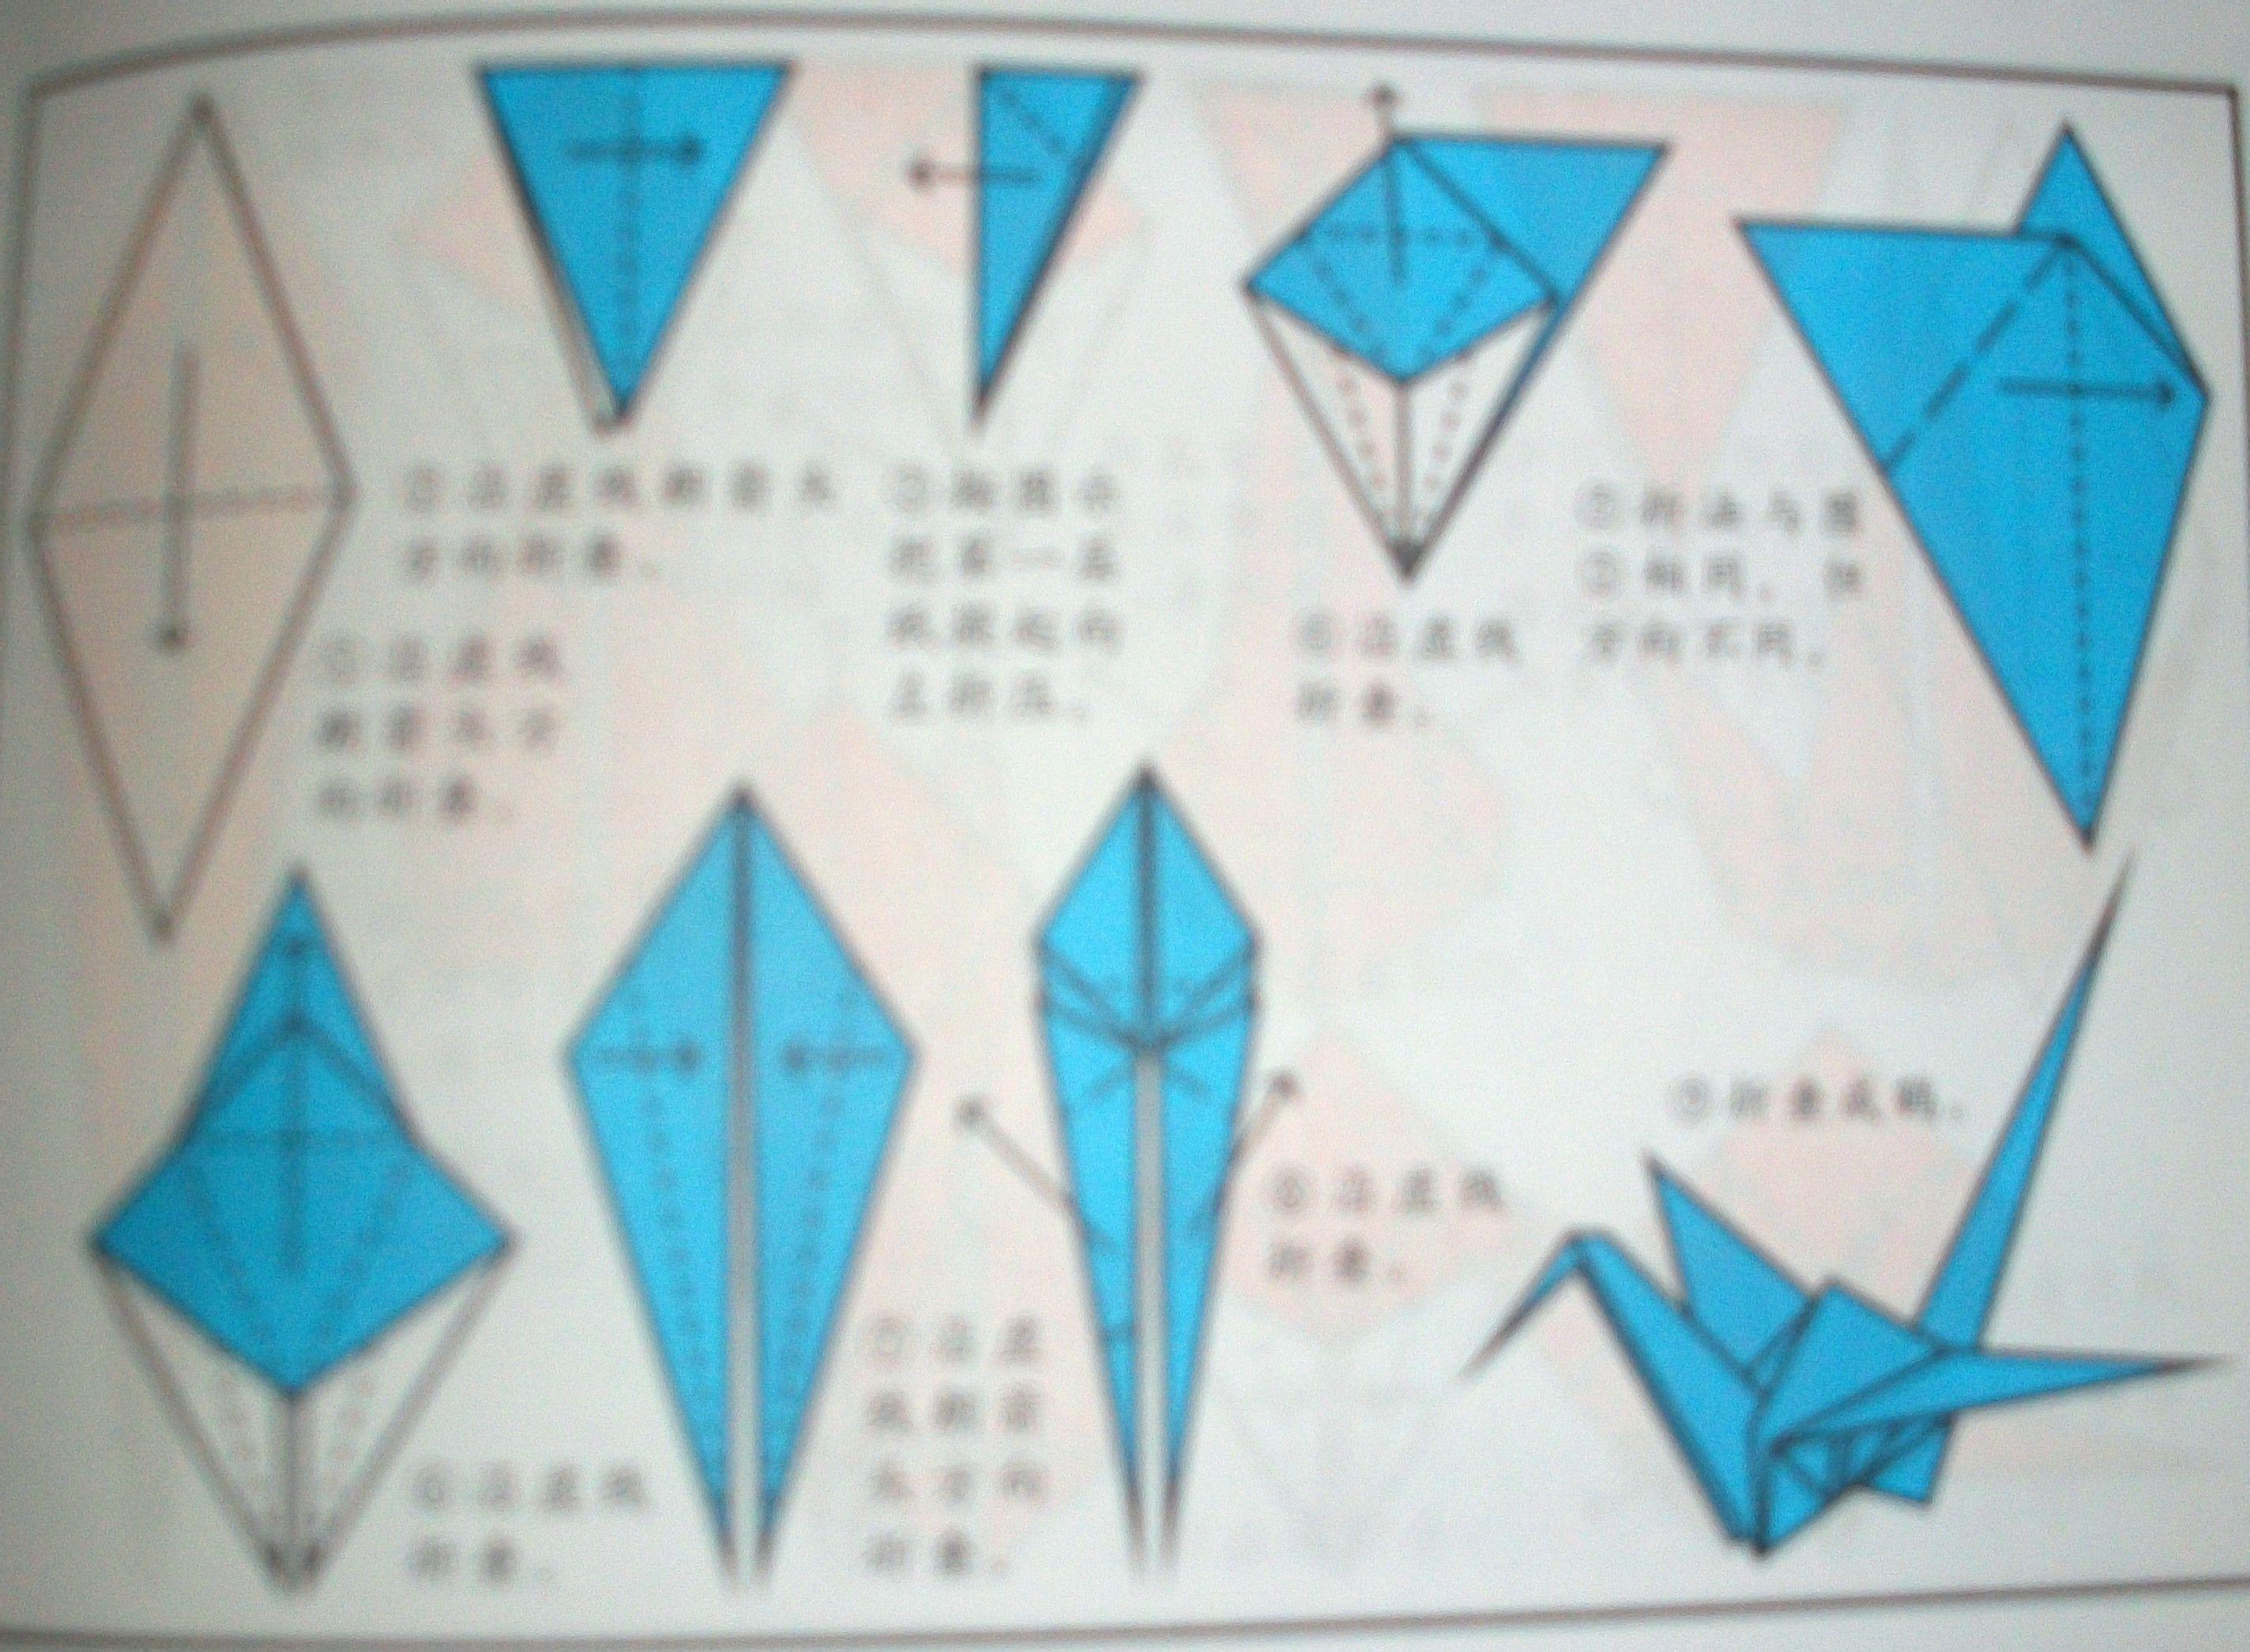 正方形纸沿折线对折 2.再对折 3.打开纸张并且压平 4.翻转 5.